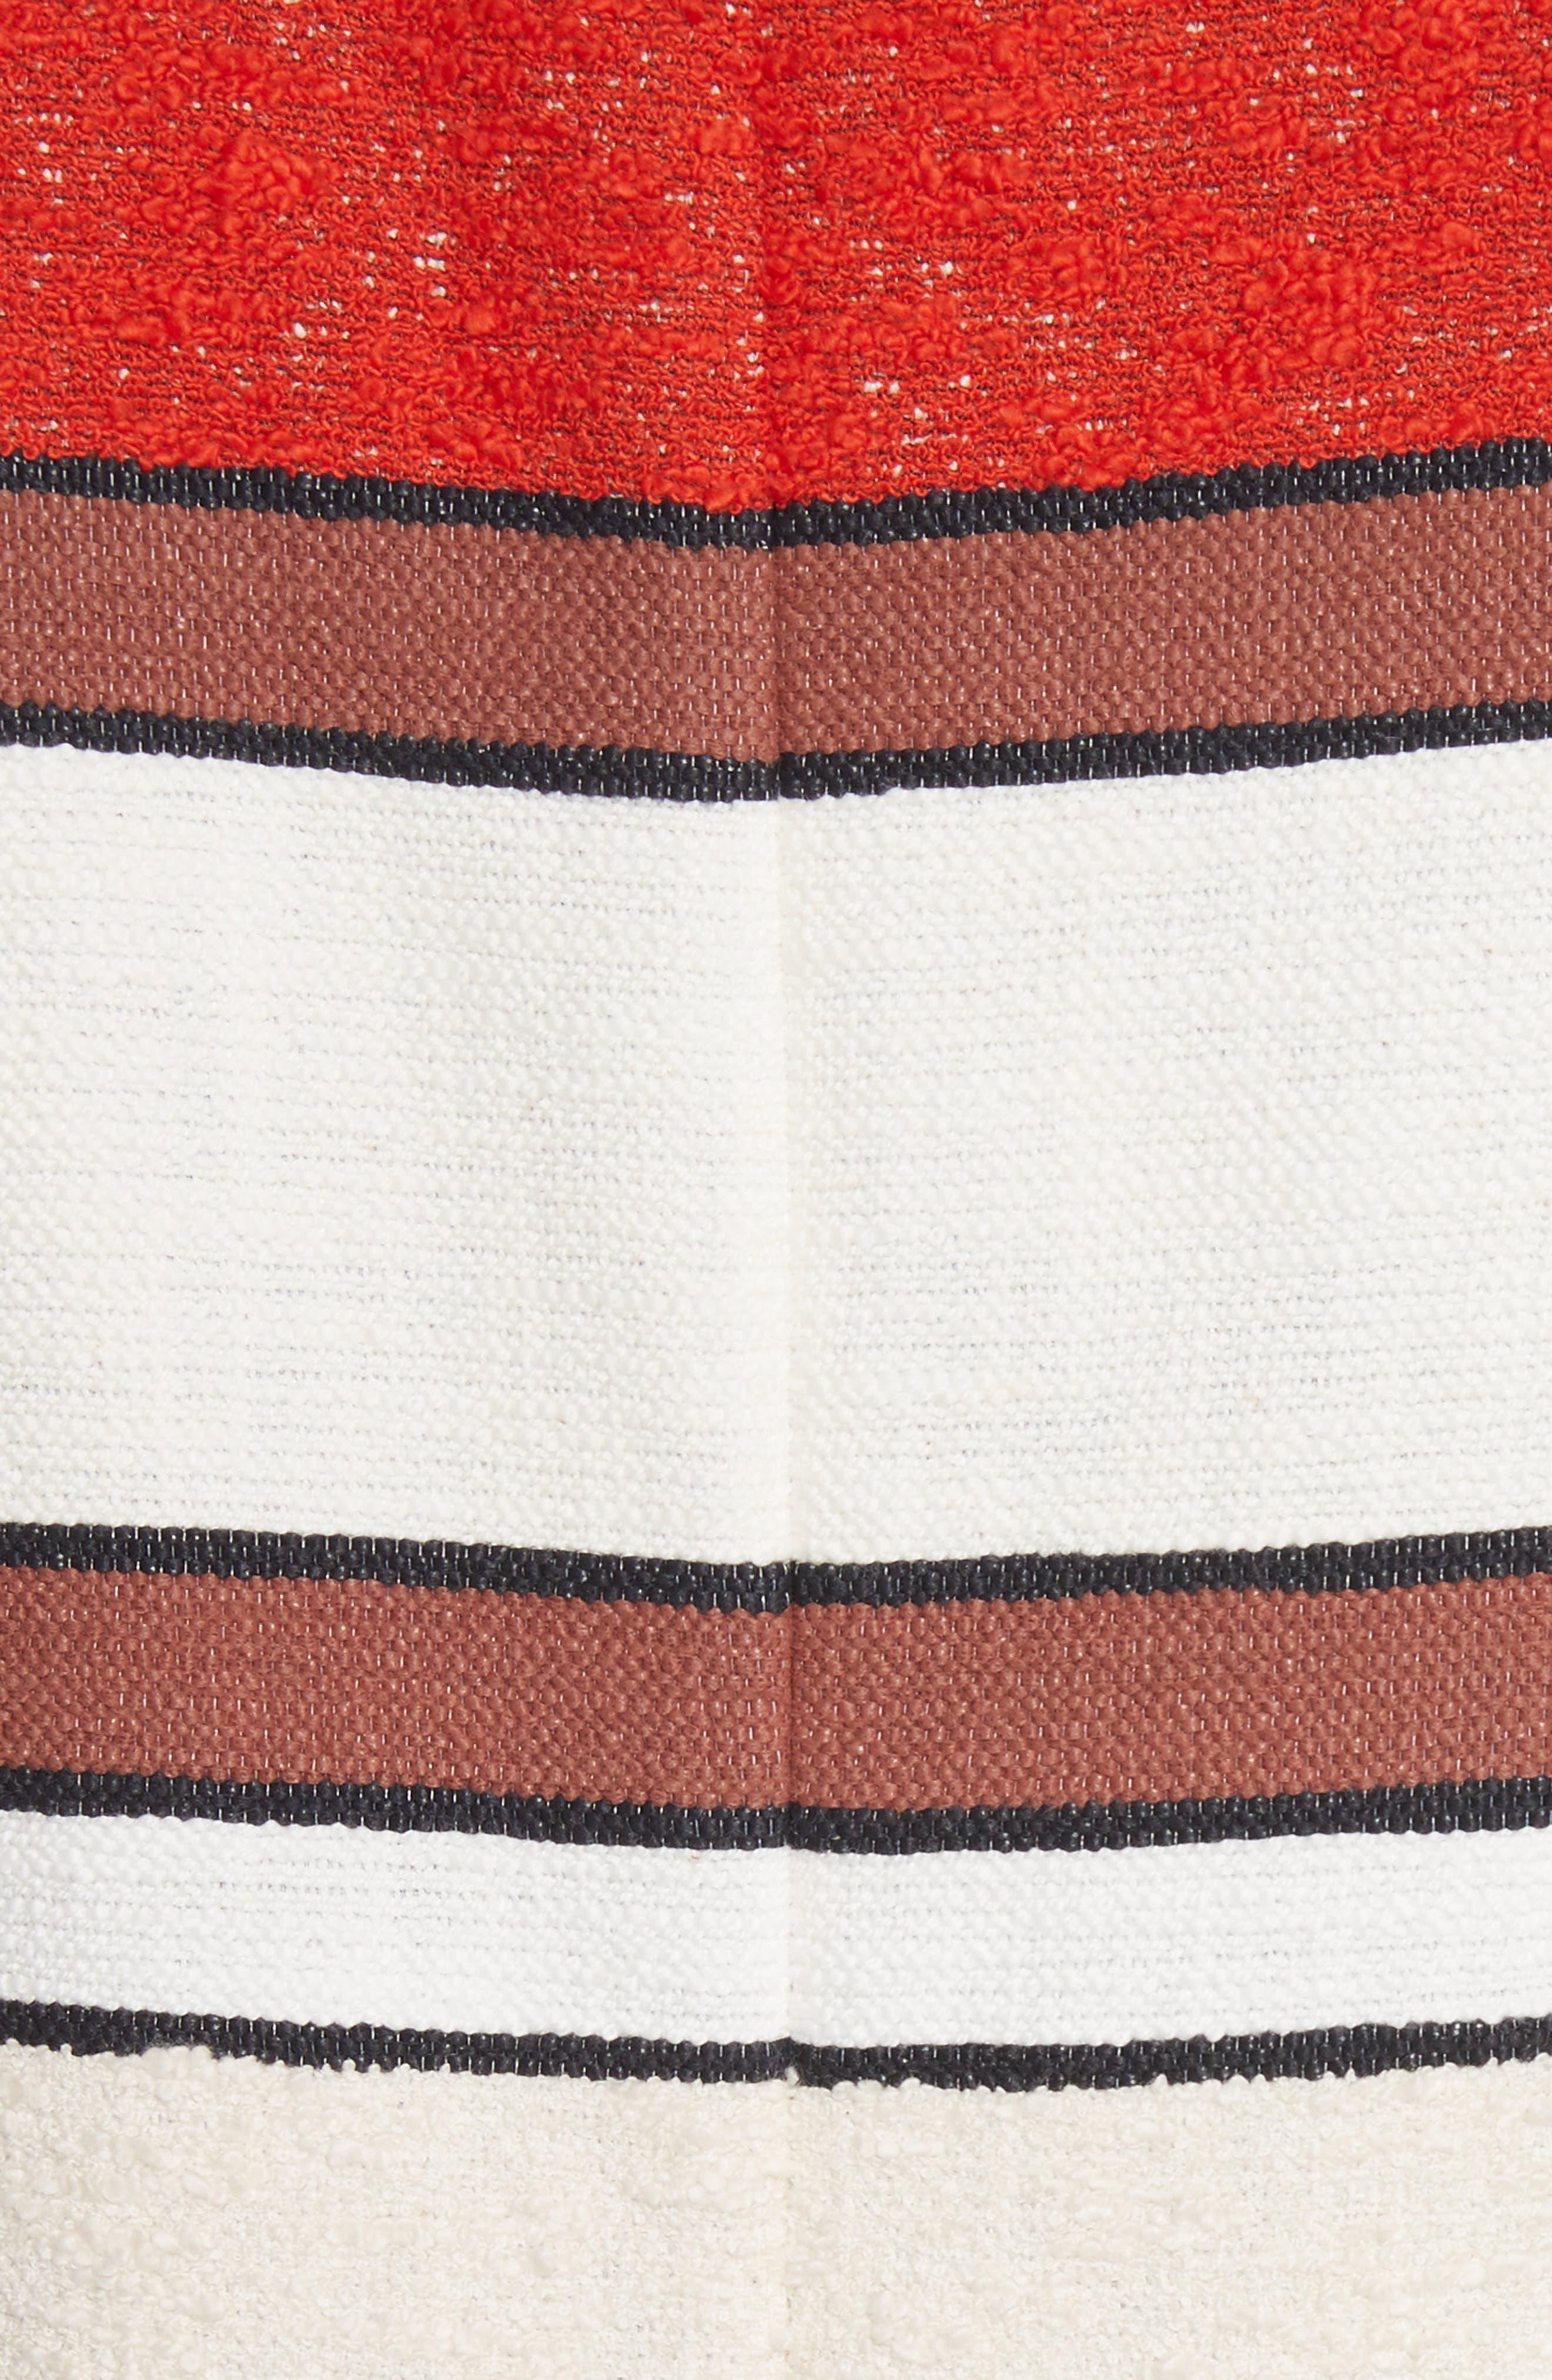 Grommet Detail Stripe Shift Dress,                             Alternate thumbnail 5, color,                             Poppy